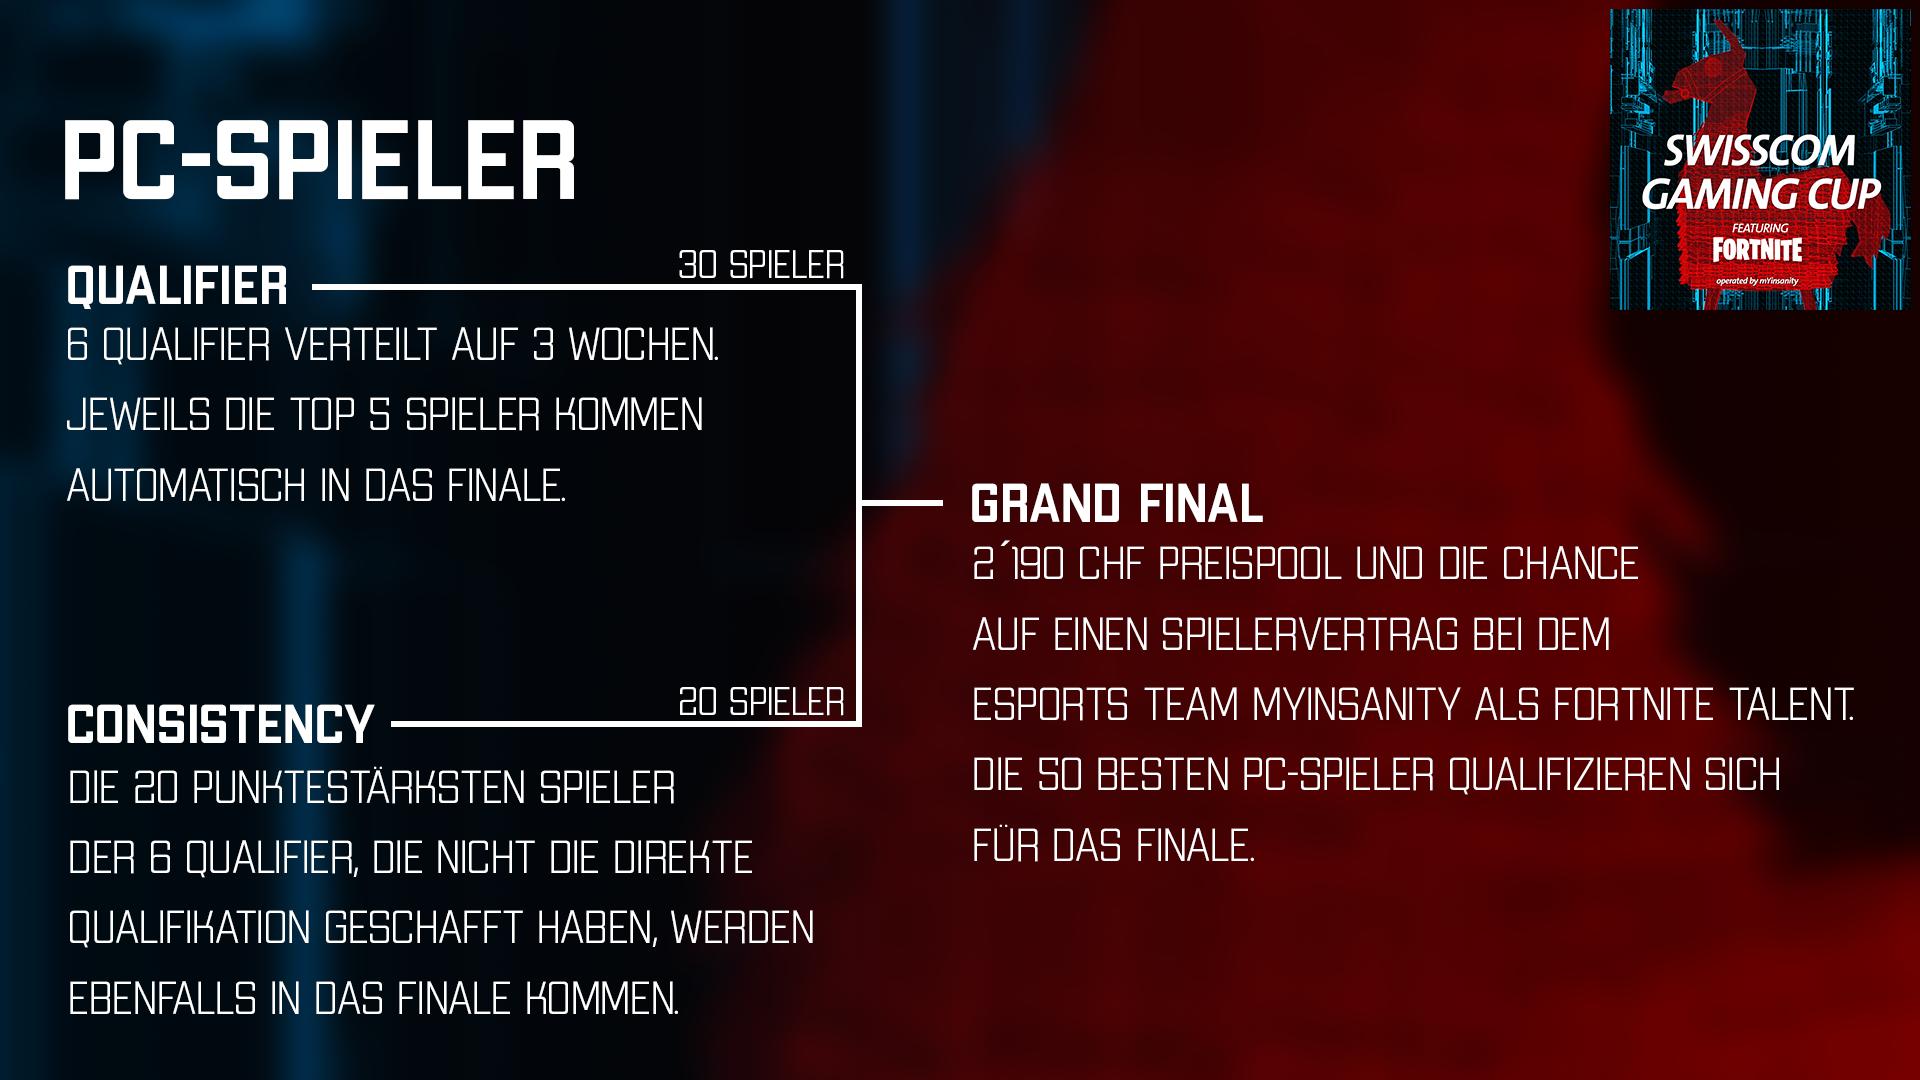 Weg bis zum Grand Final für PC Spieler